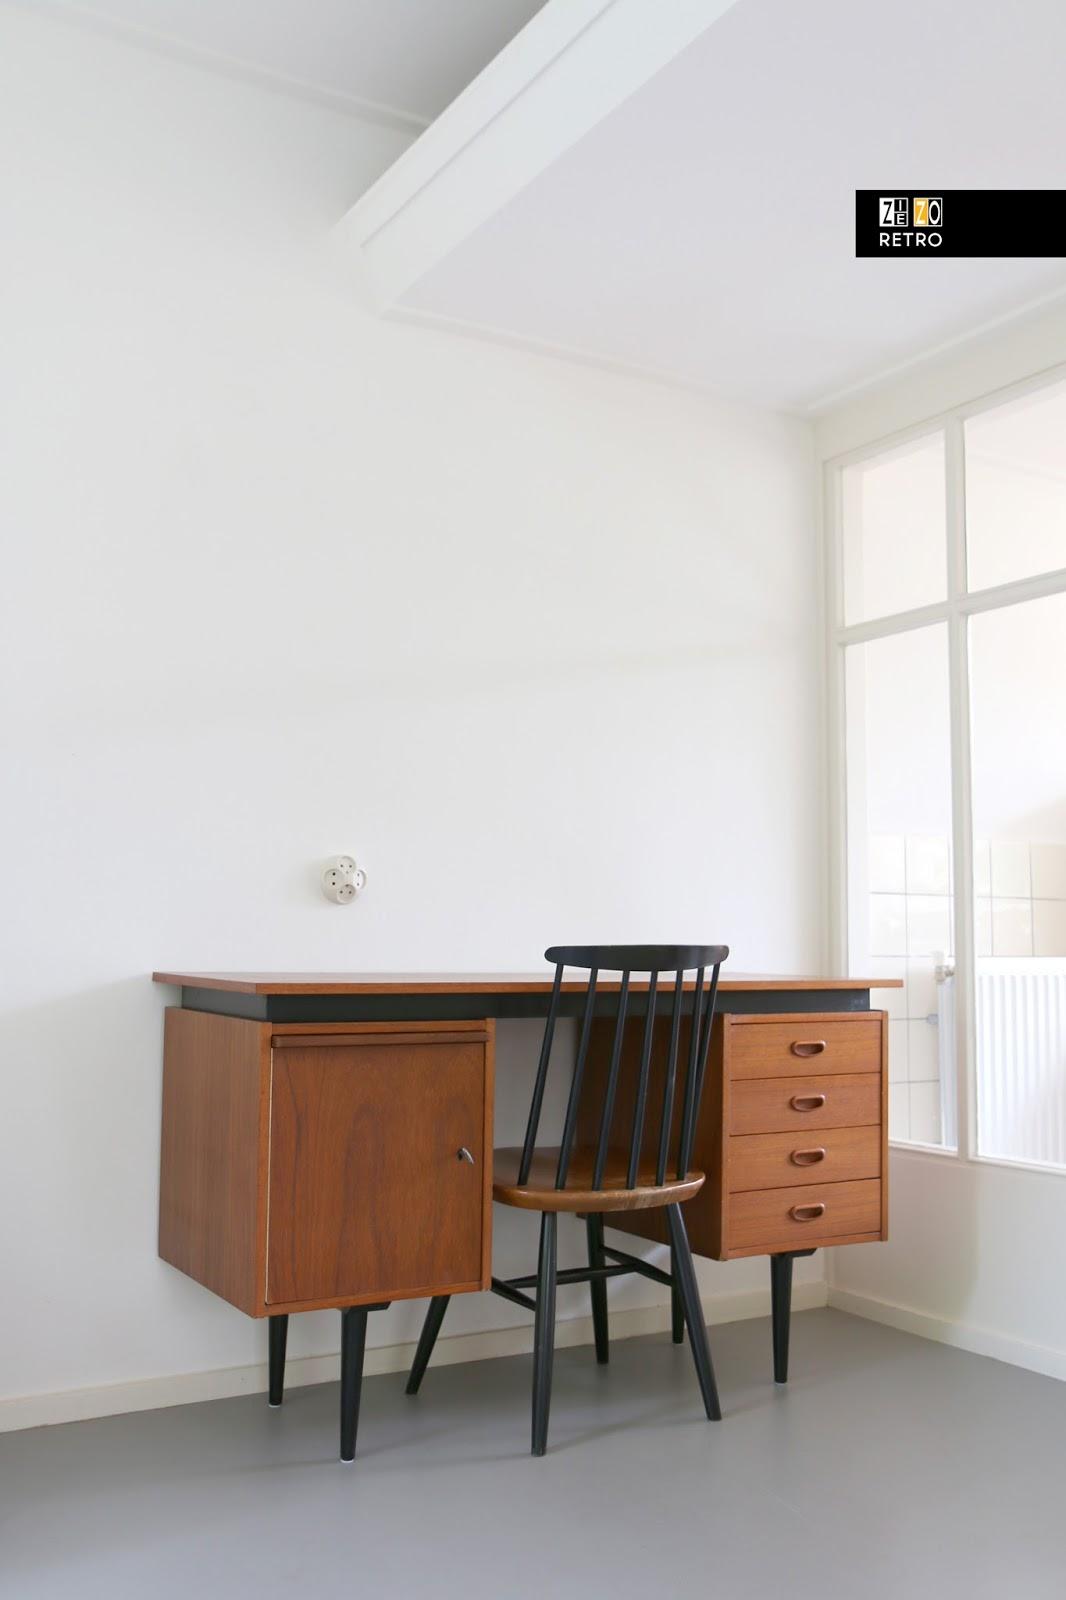 Bureau jaren 50 60 waarschijnlijk pastoe for Jaren 50 60 meubels